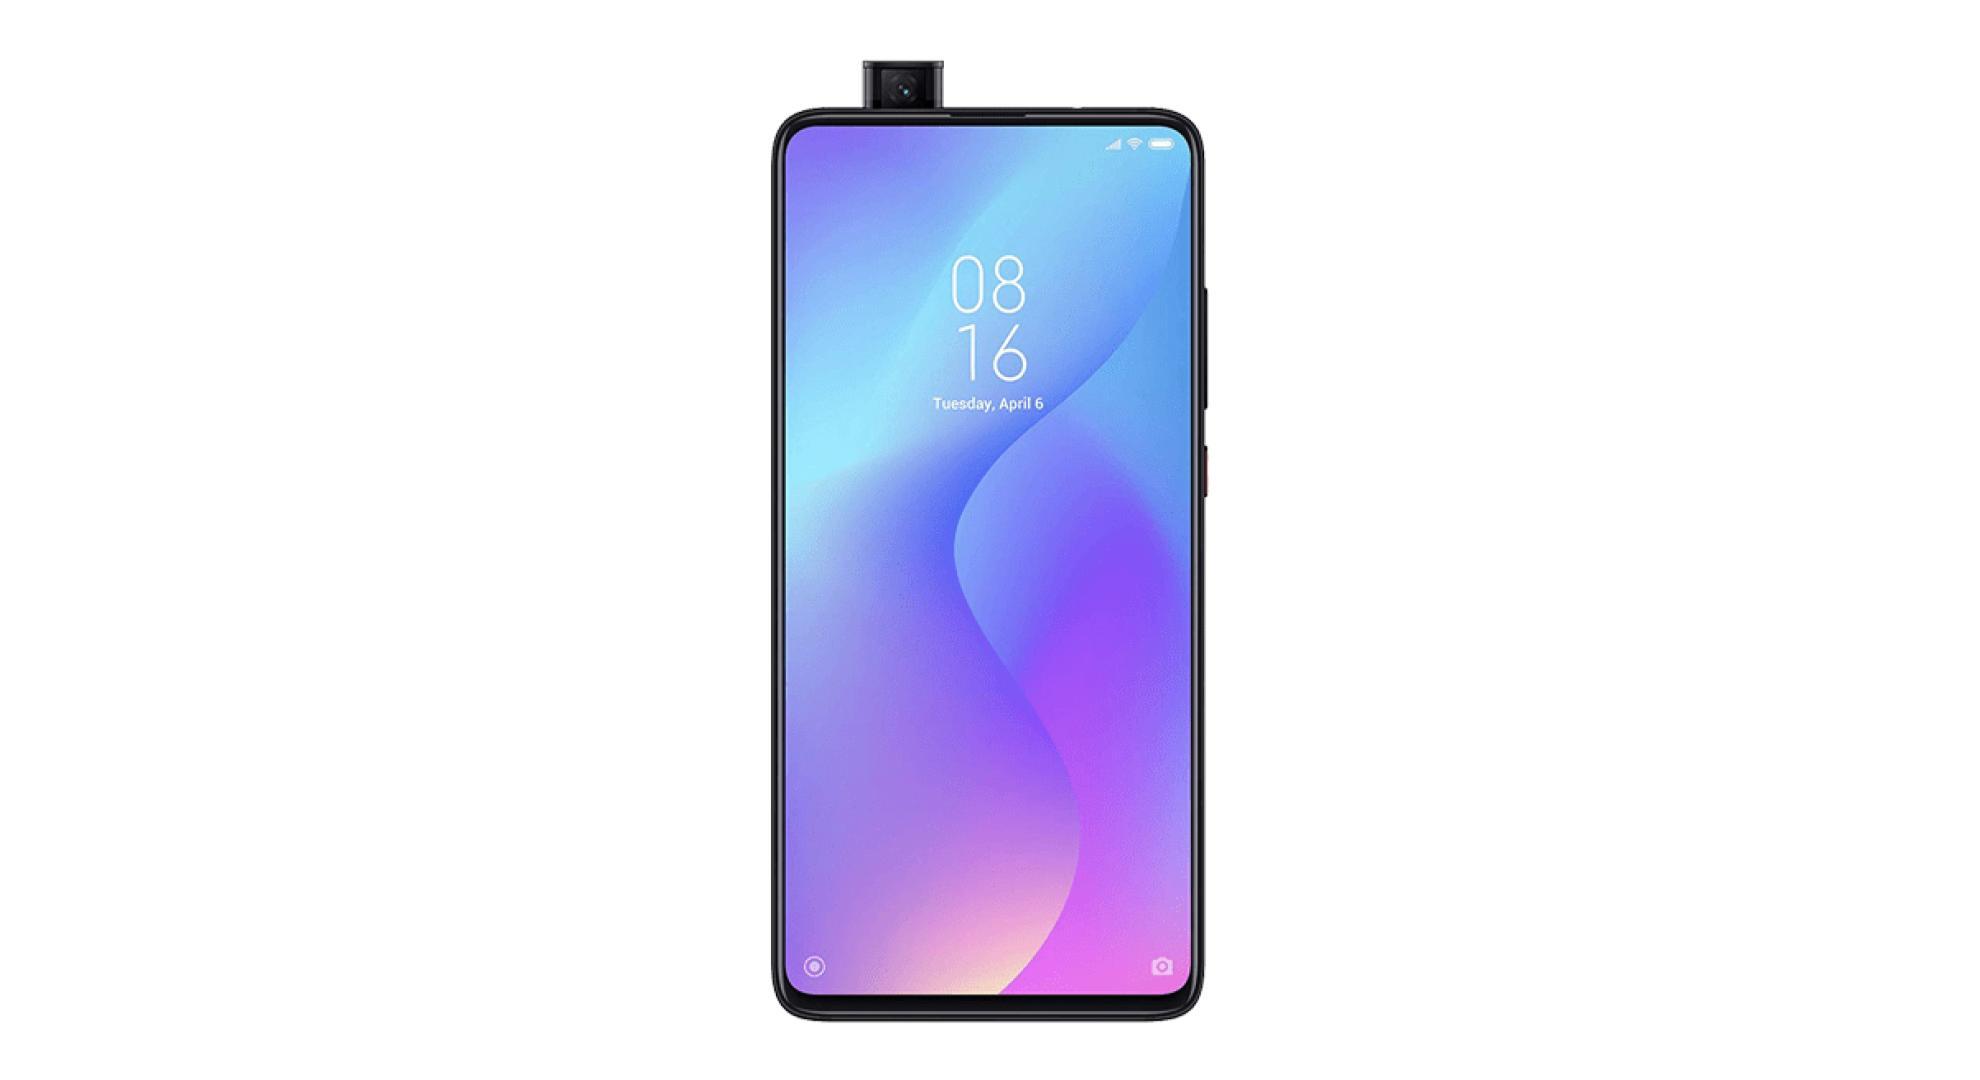 🔥 Soldes 2019 : la version 128 Go Xiaomi Mi 9T descend à 279 euros au lieu de 389 euros